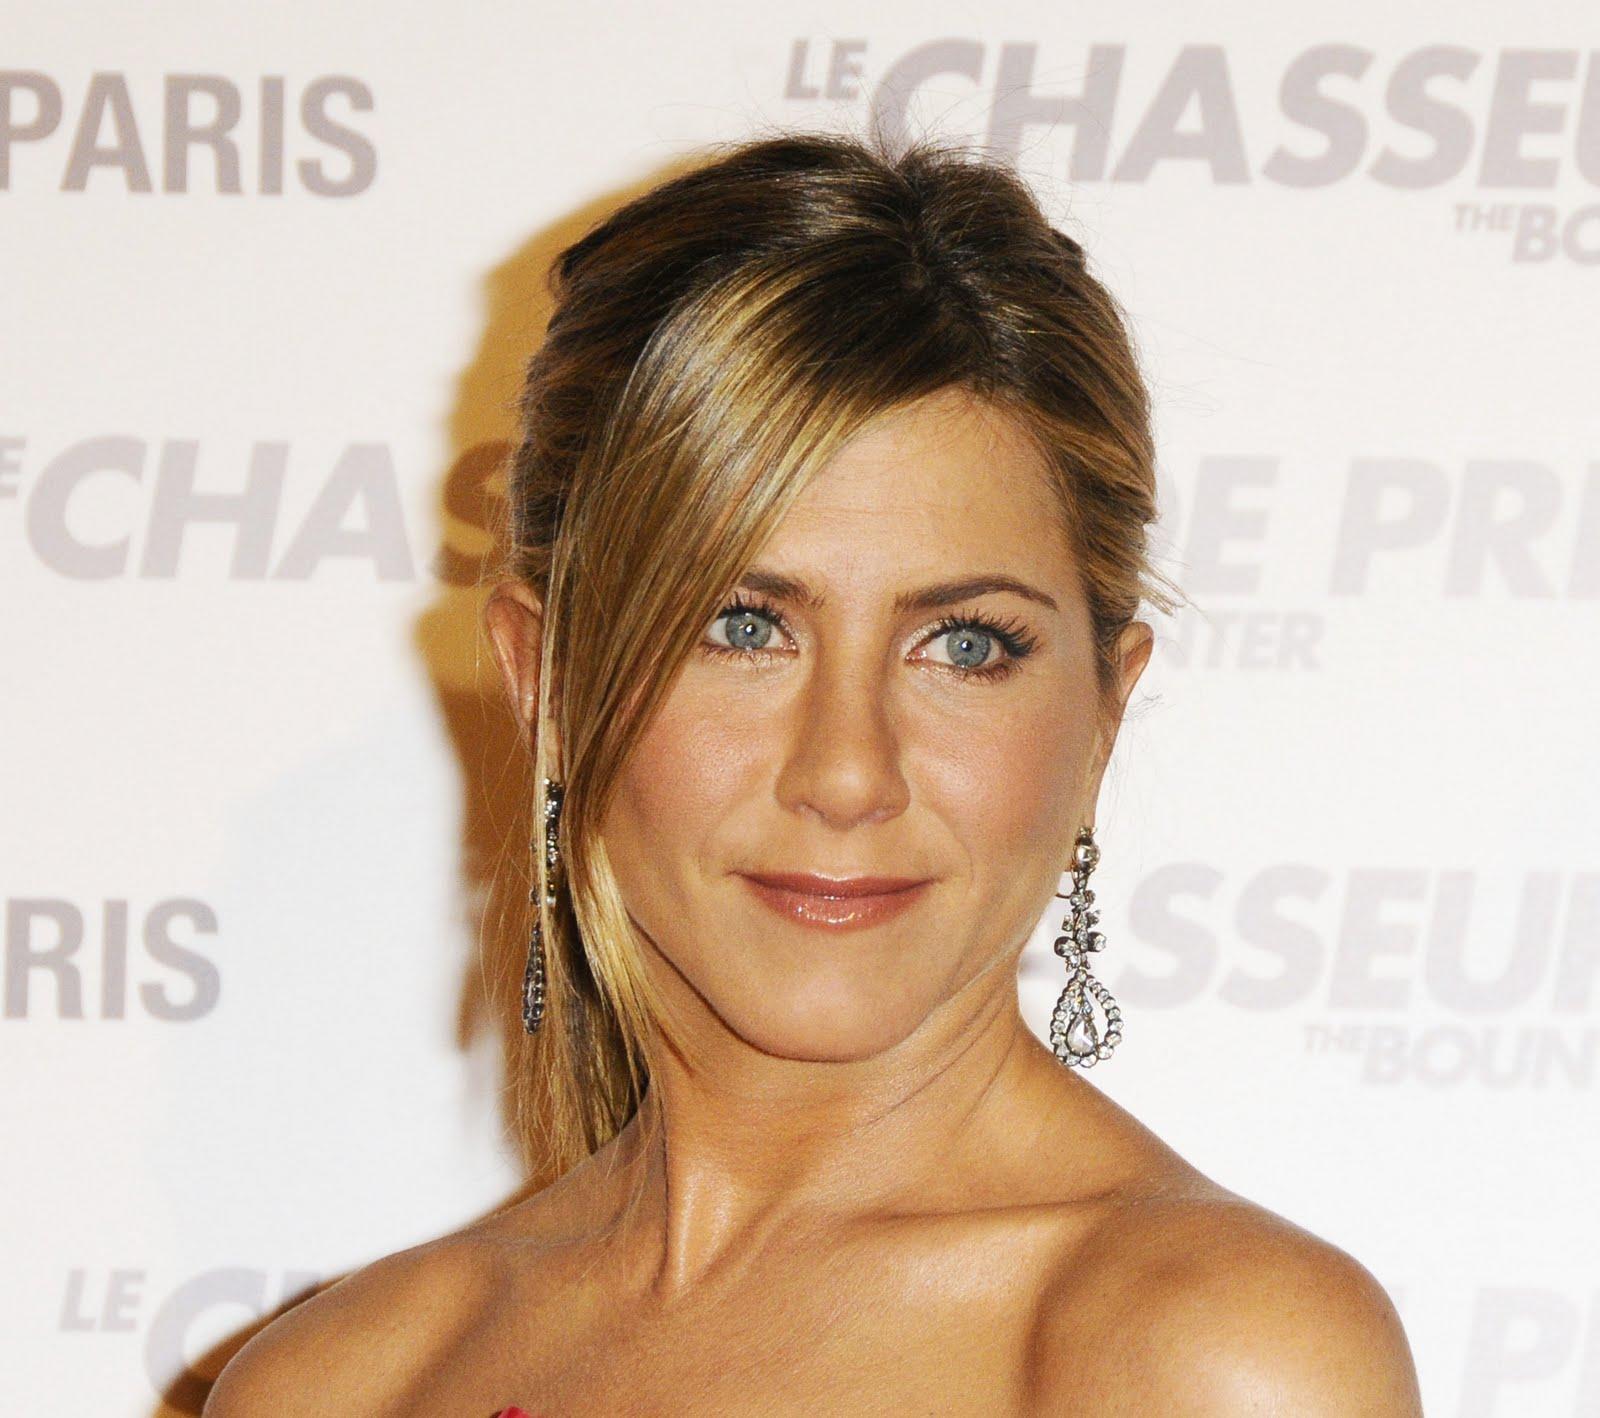 http://2.bp.blogspot.com/-HmrihRl4GhM/TaxWaBjHyyI/AAAAAAAAAKU/UrBXiuqdkmc/s1600/4PK40HU2QX_Jennifer_Aniston_40_The_Bounty_Hunter_Paris_Premiere_-_03.28.2010_028.jpg